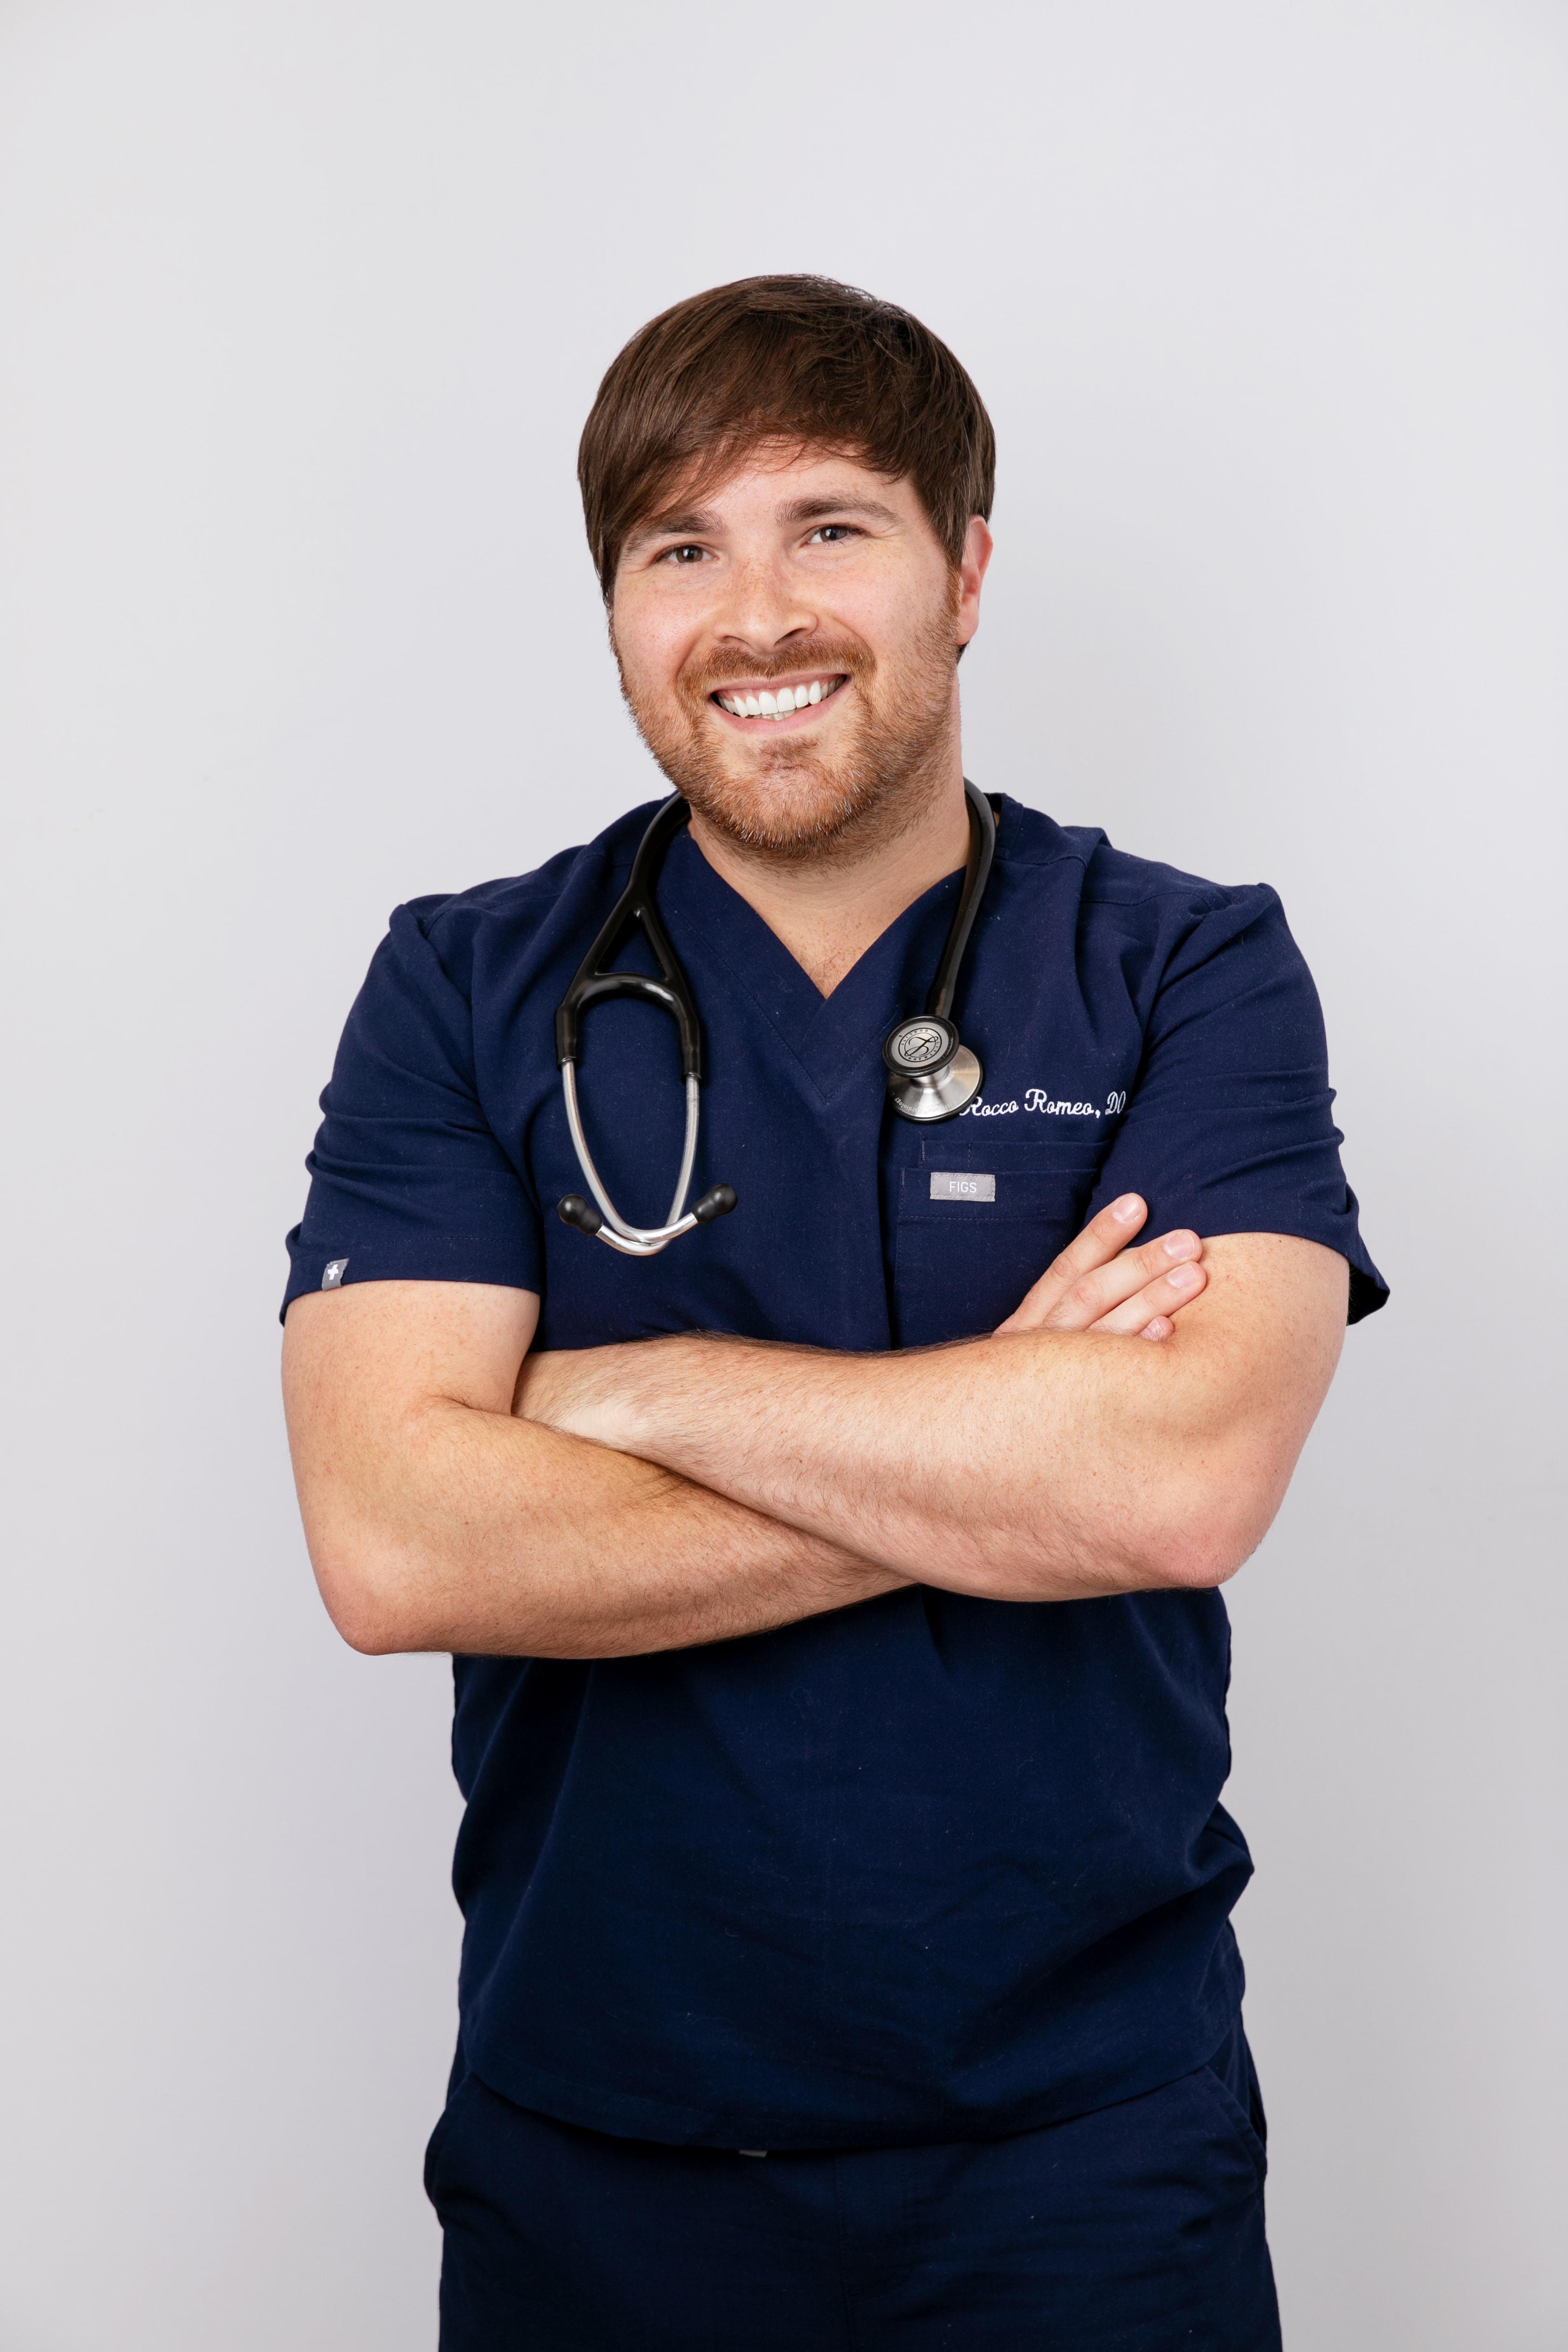 Dr. Rocco Romeo